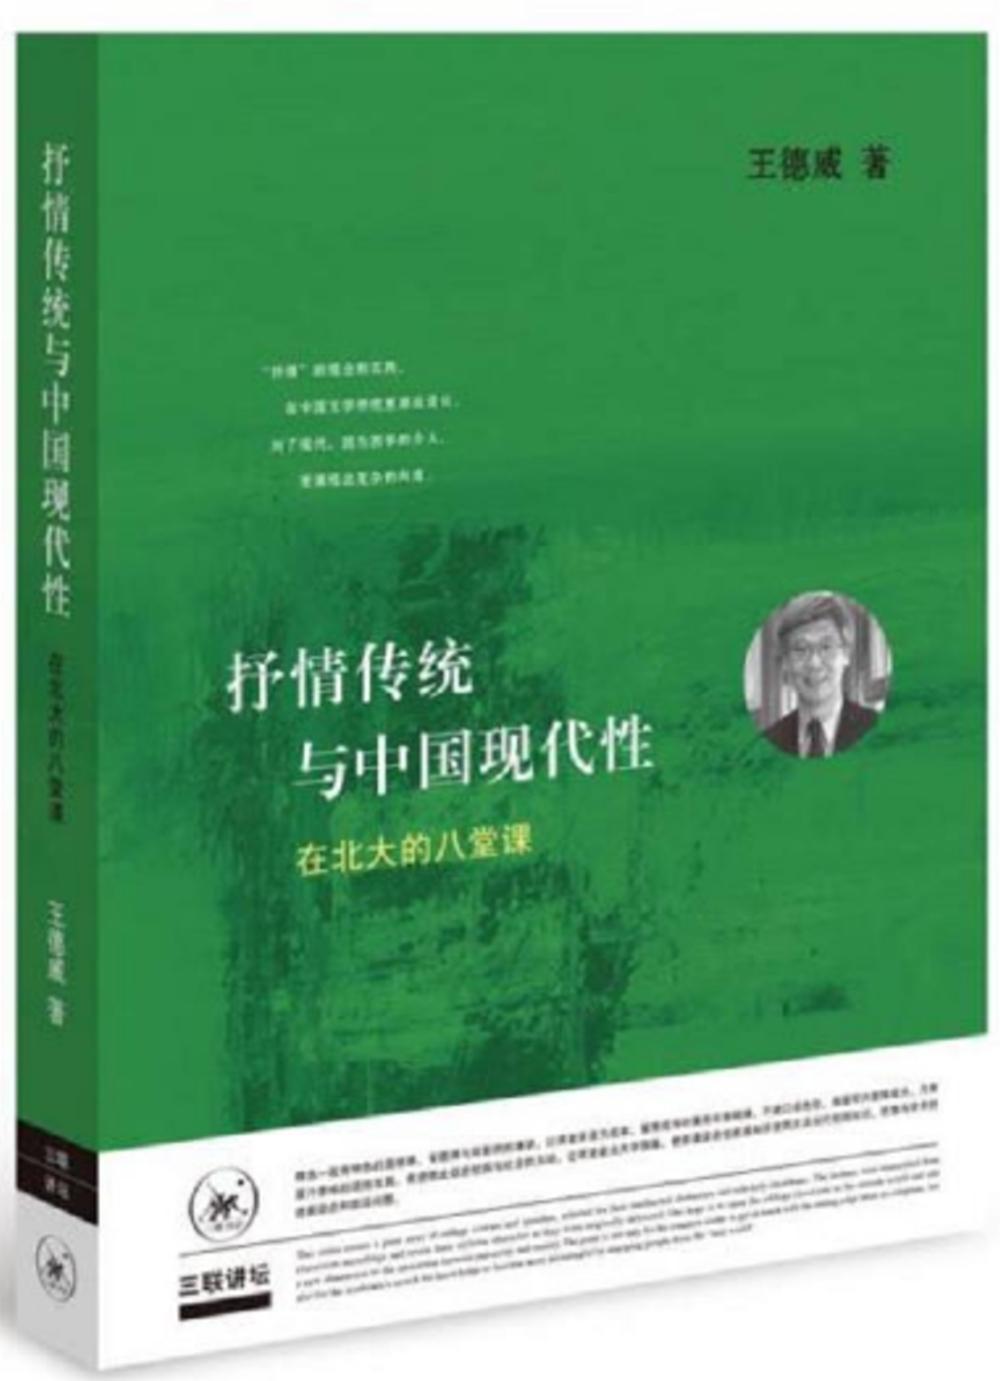 抒情傳統與中國現代性:在北大的八堂課